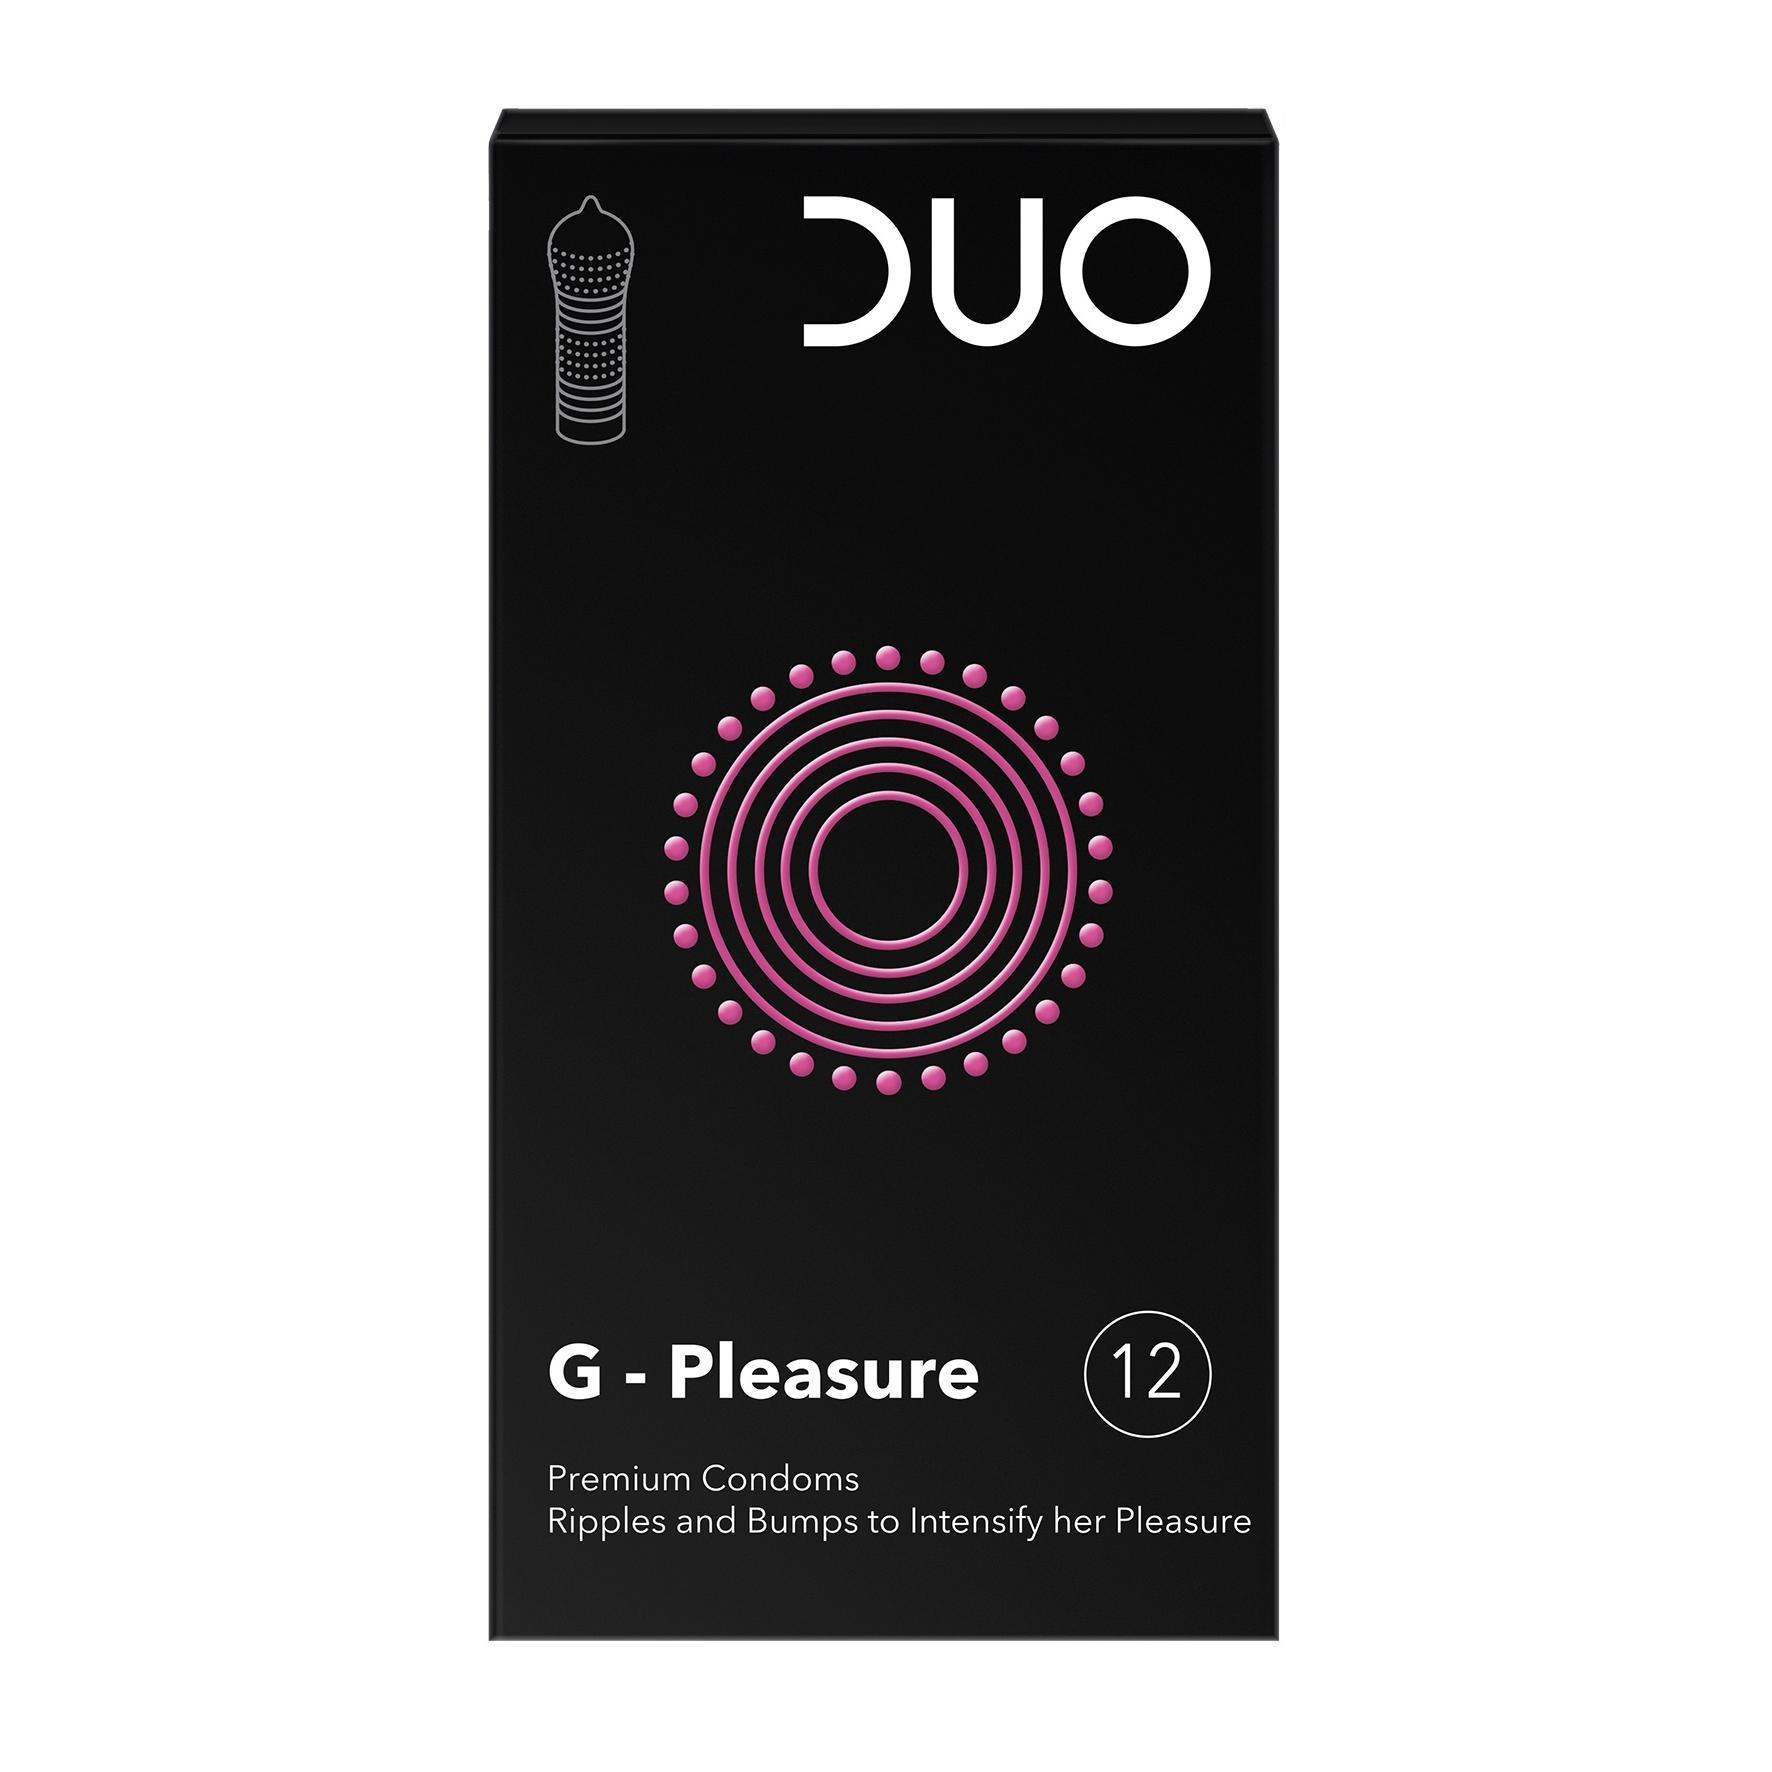 Image of Duo G-pleasure condooms